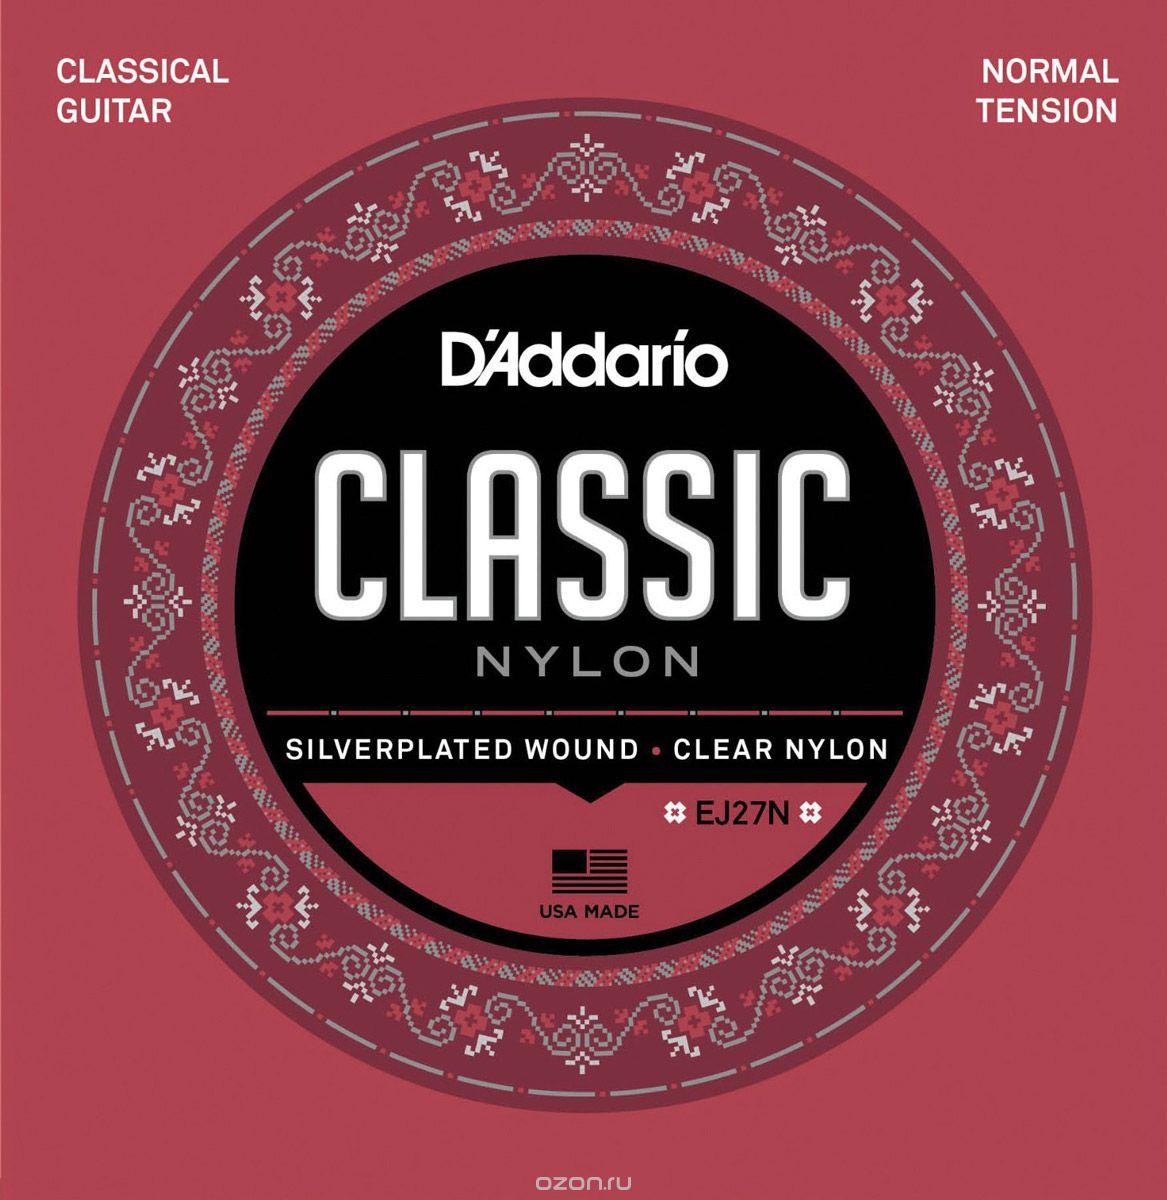 D'Addario EJ27N струны для классической гитары - Гитарные аксессуары и оборудование